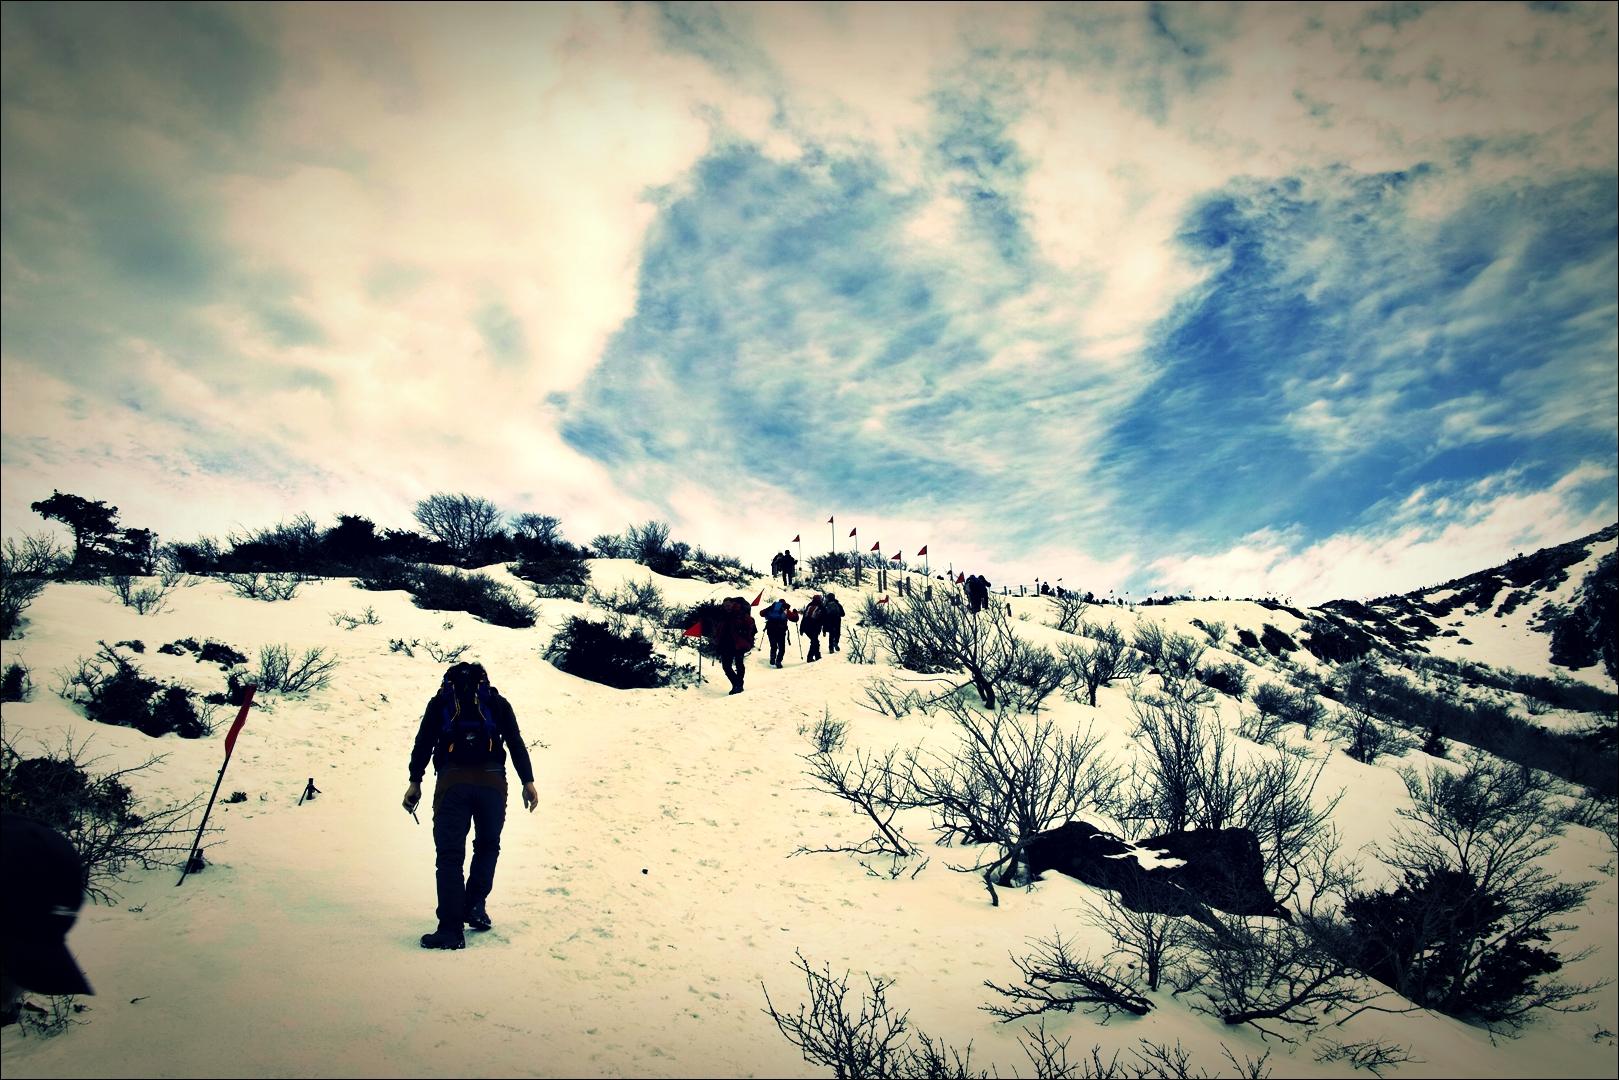 등산로-'한라산 영실코스 Hallasan youngsil trail'